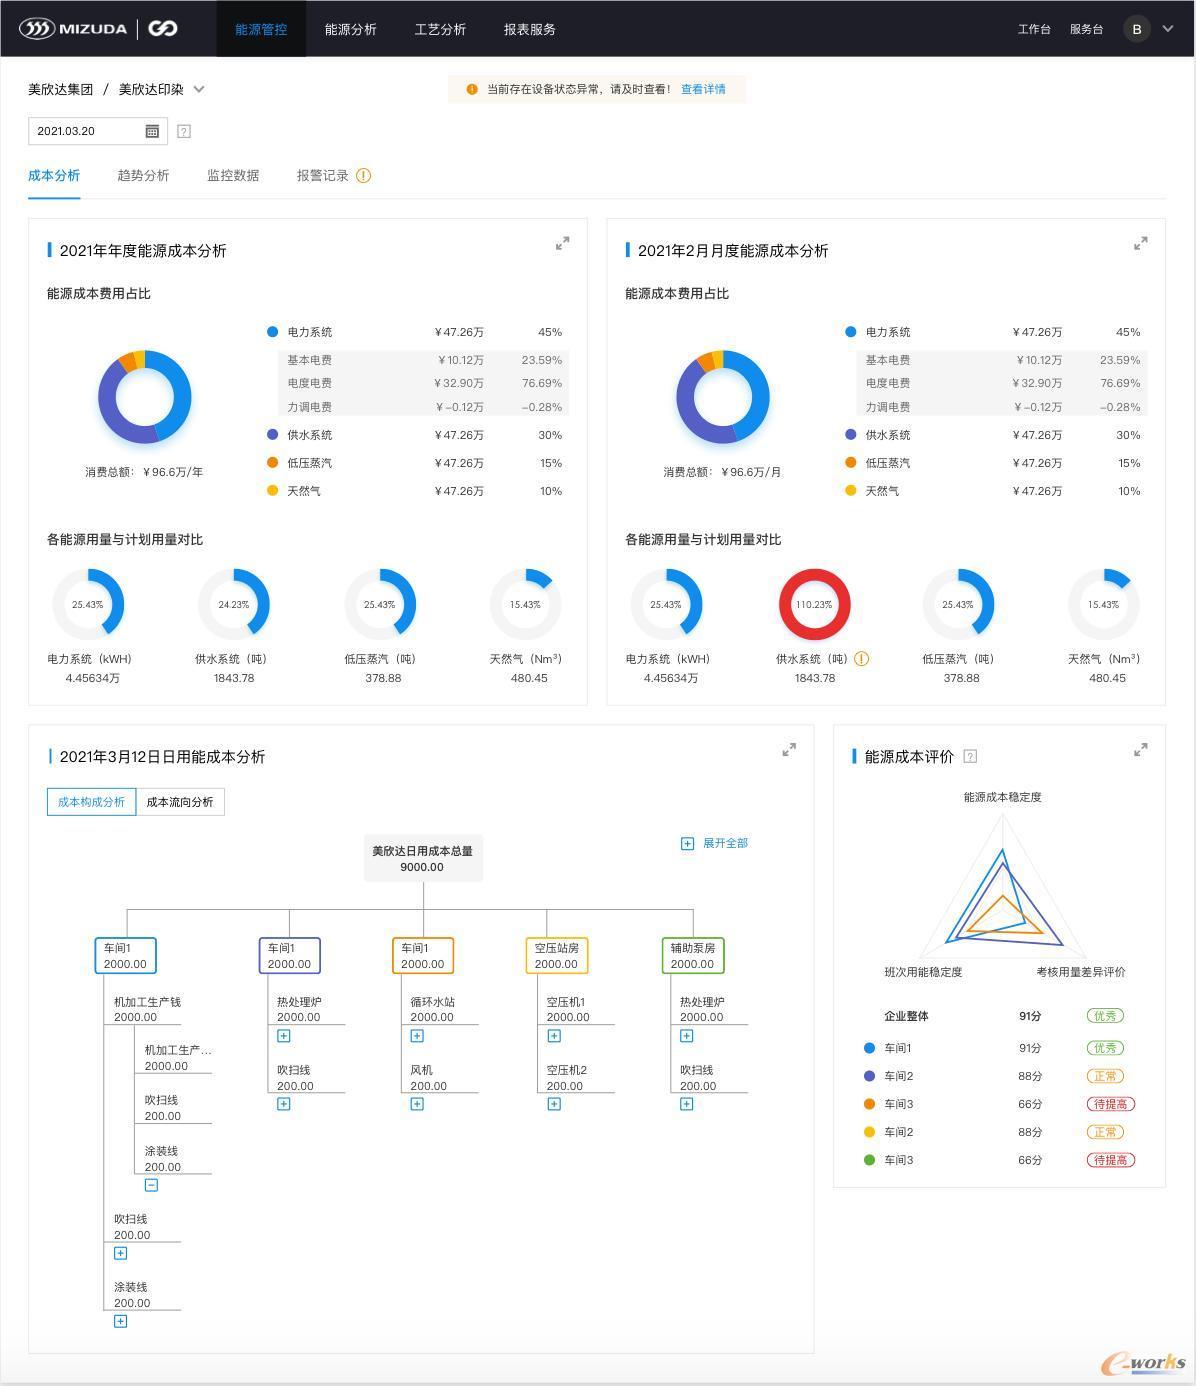 度能-能源成本分析界面(示例)